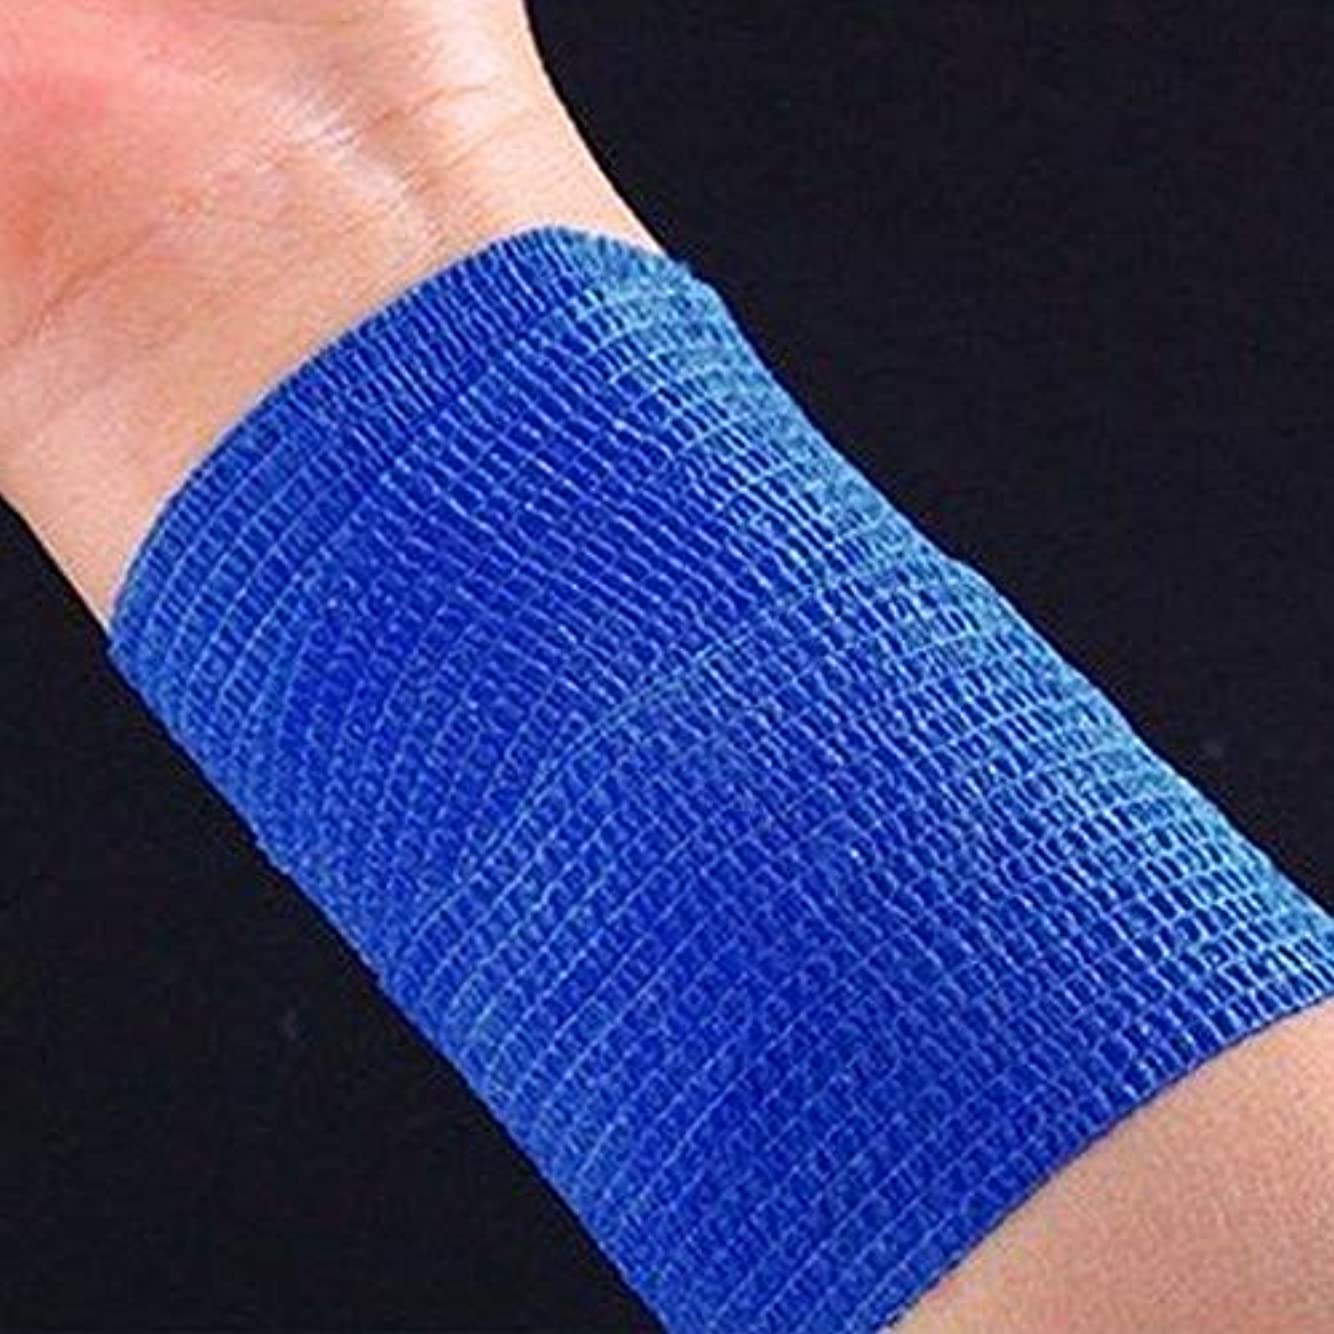 外交当社すずめPichidr-JP 自己接着包帯足首の捻挫、腫れや手首のための2インチの便利な弾性包帯